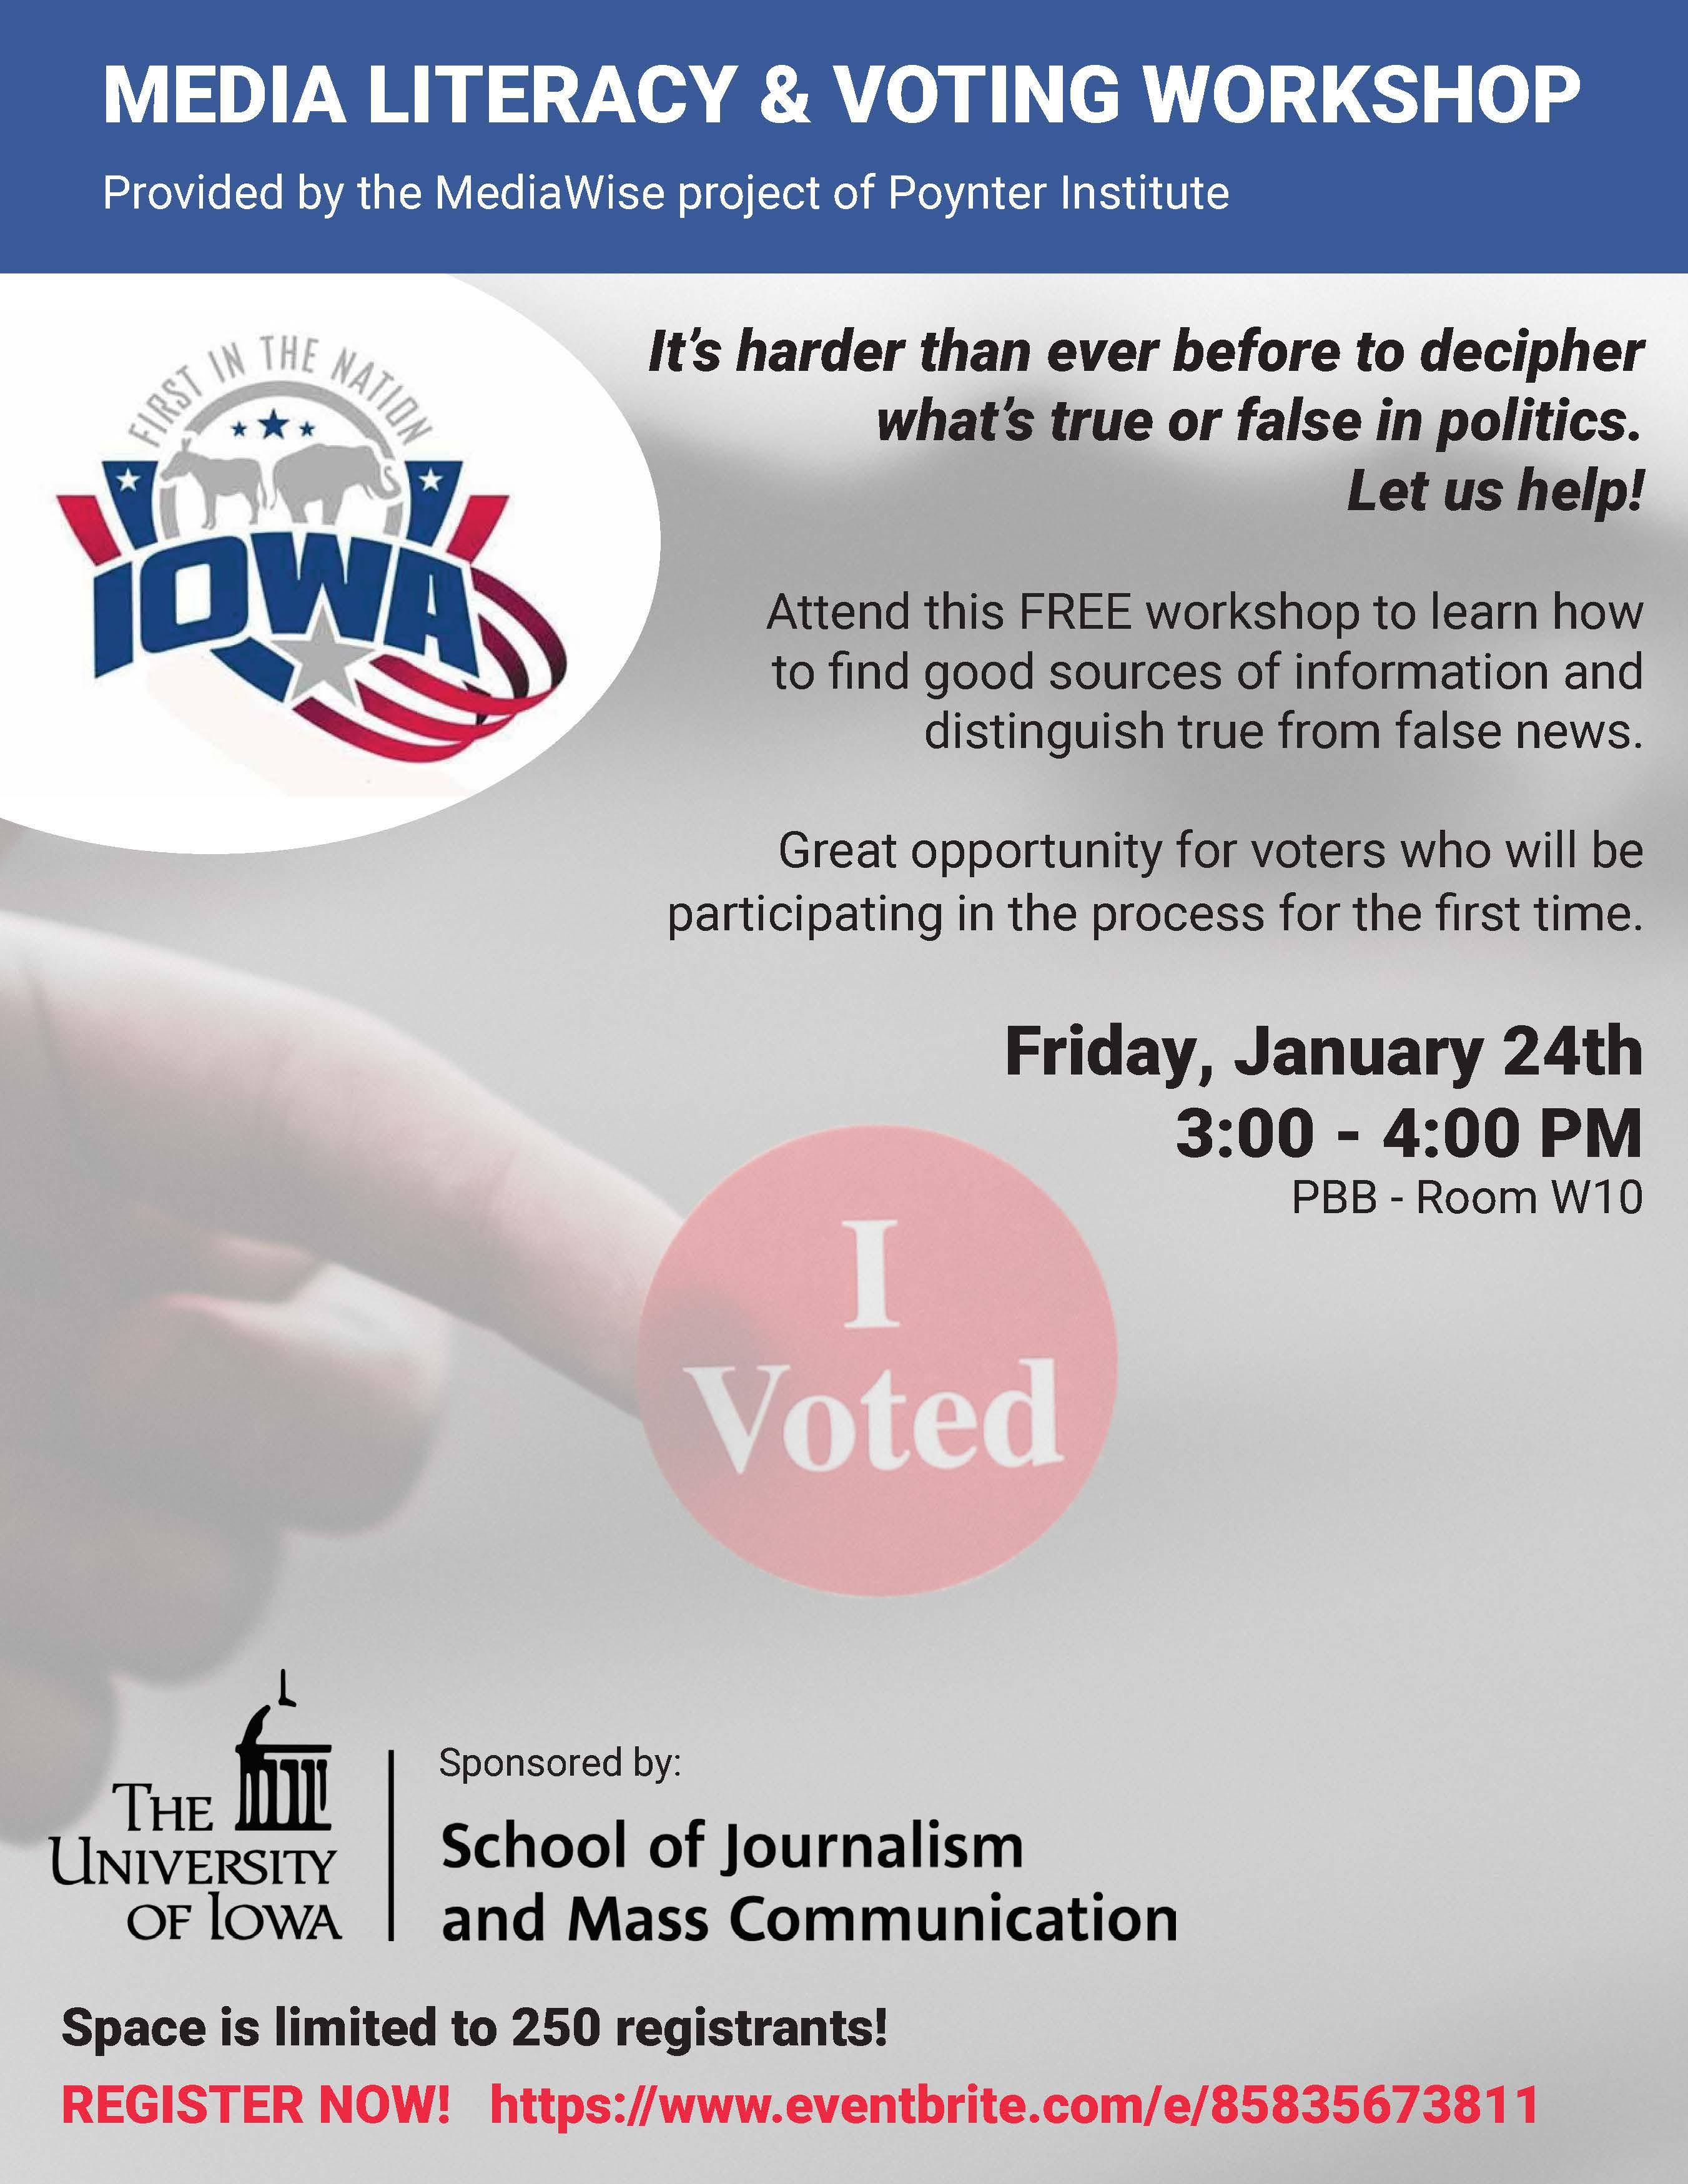 MediaWise Voting Workshop